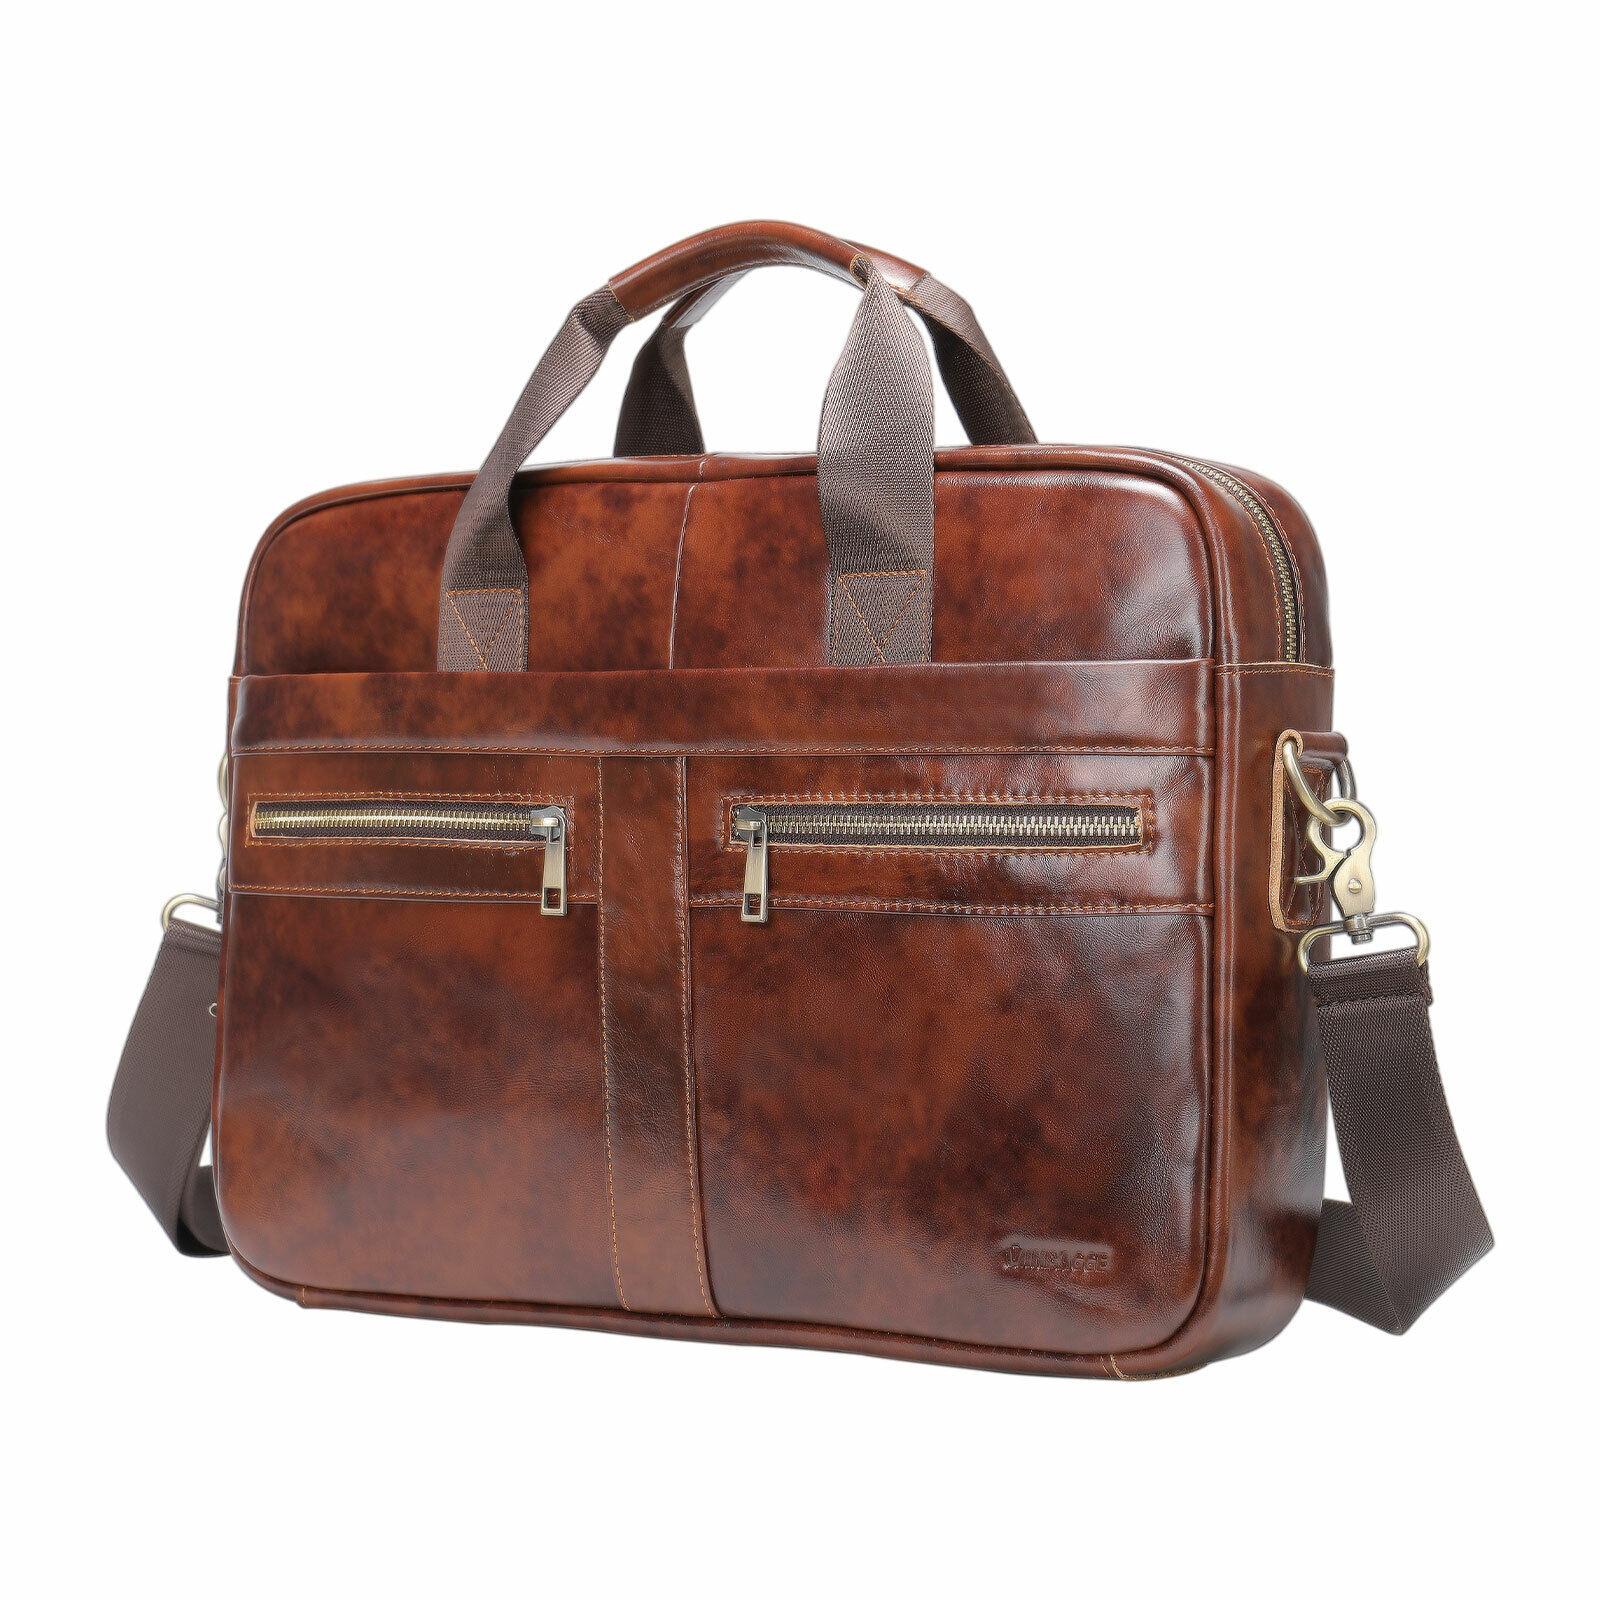 Mens GENUINE LEATHER Vintage Laptop Messenger Shoulder Bag Briefcase Satchel US. Buy it now for 28.99